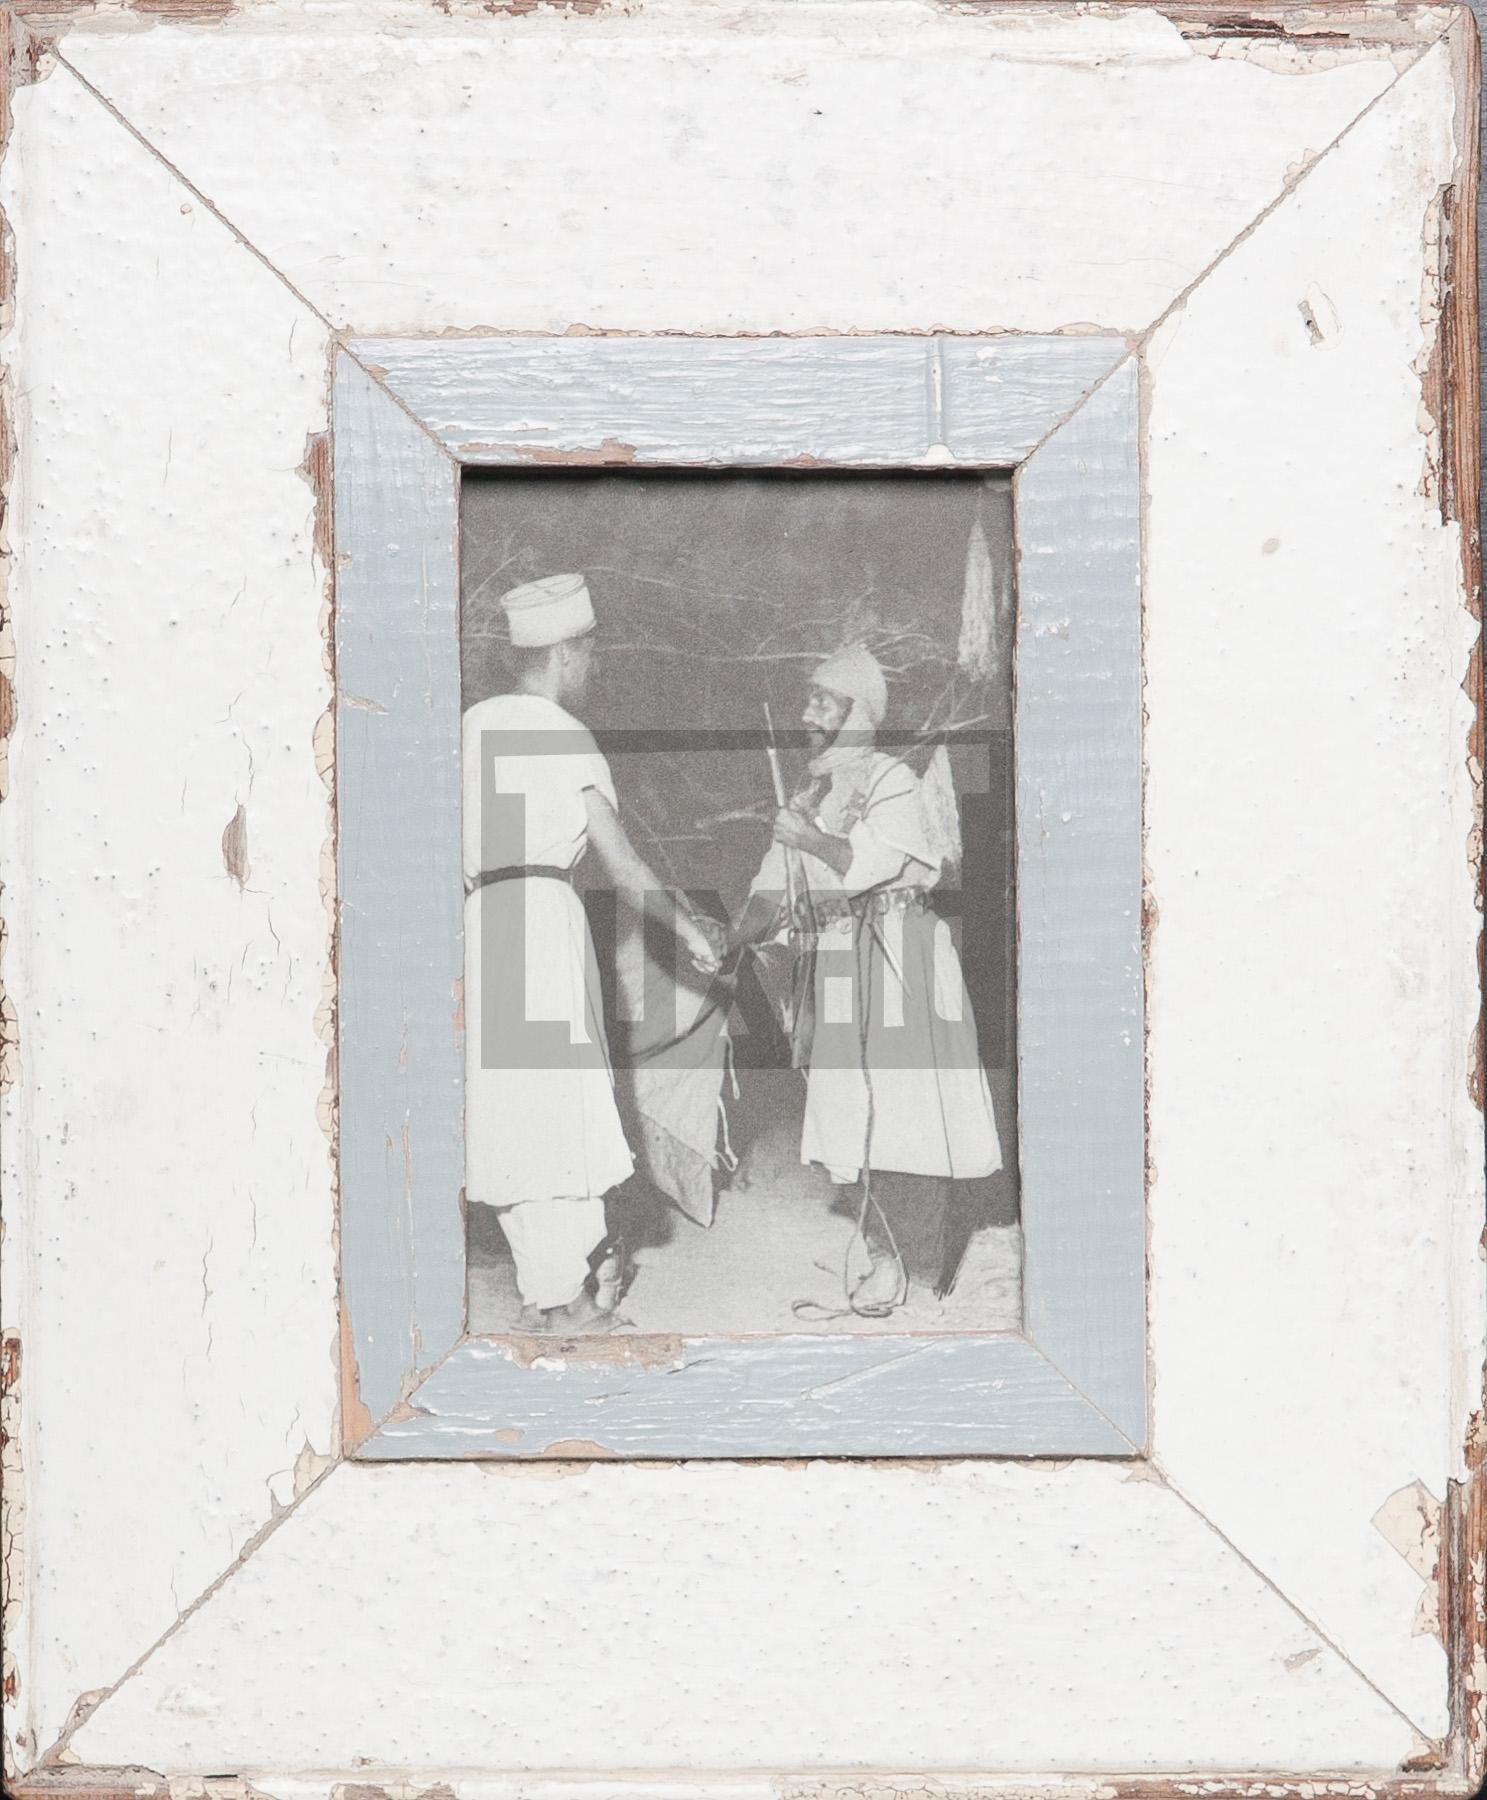 Vintage-Bilderrahmen aus altem Holz für Postkarten